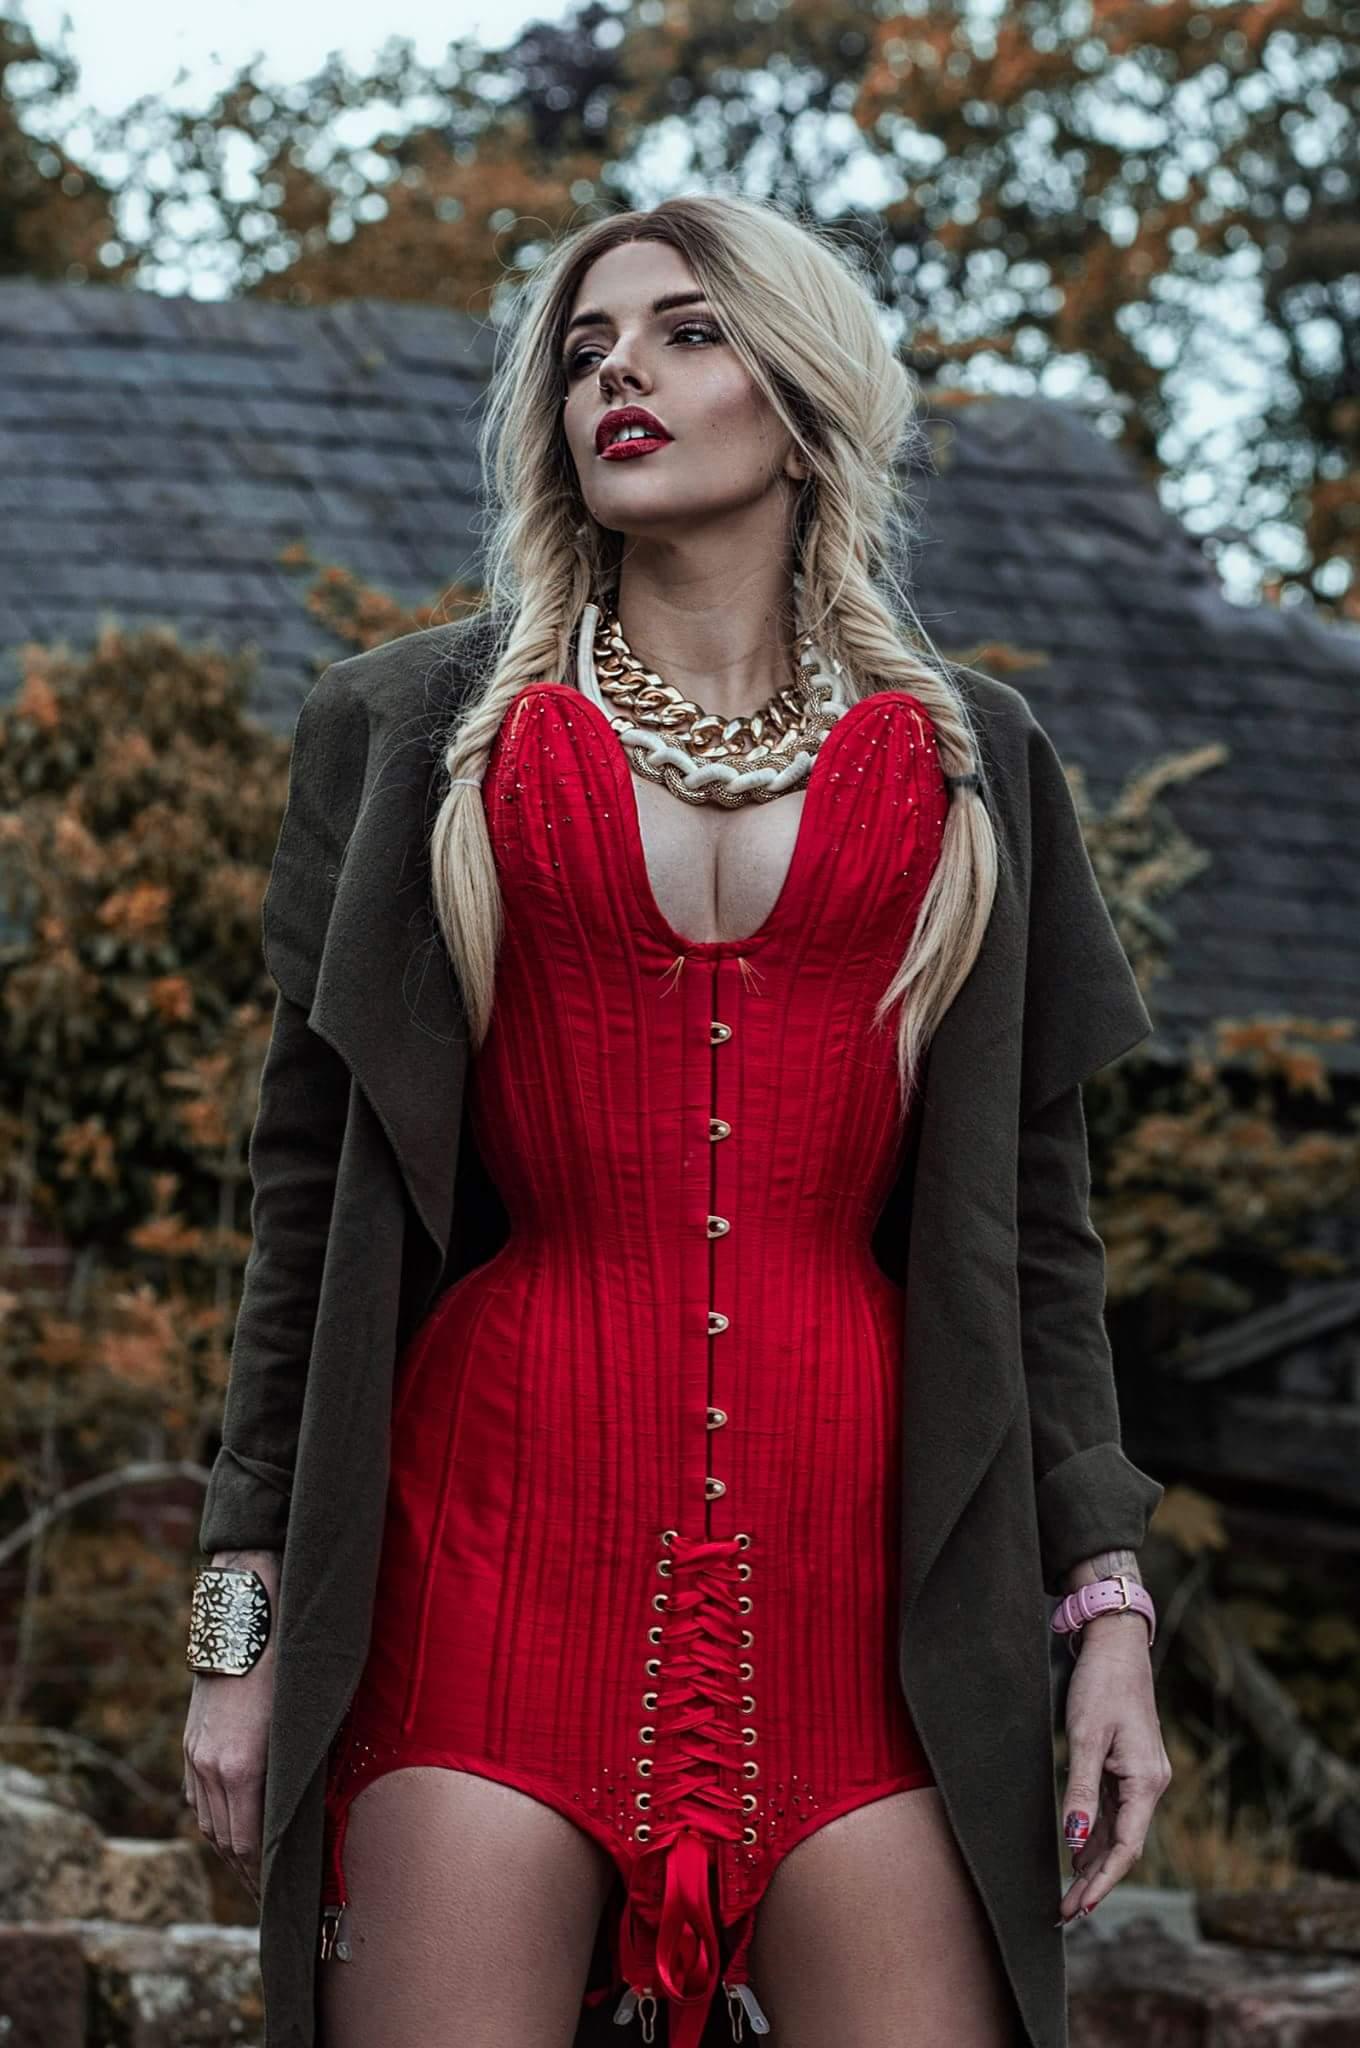 Model wears a specialist corset dress.